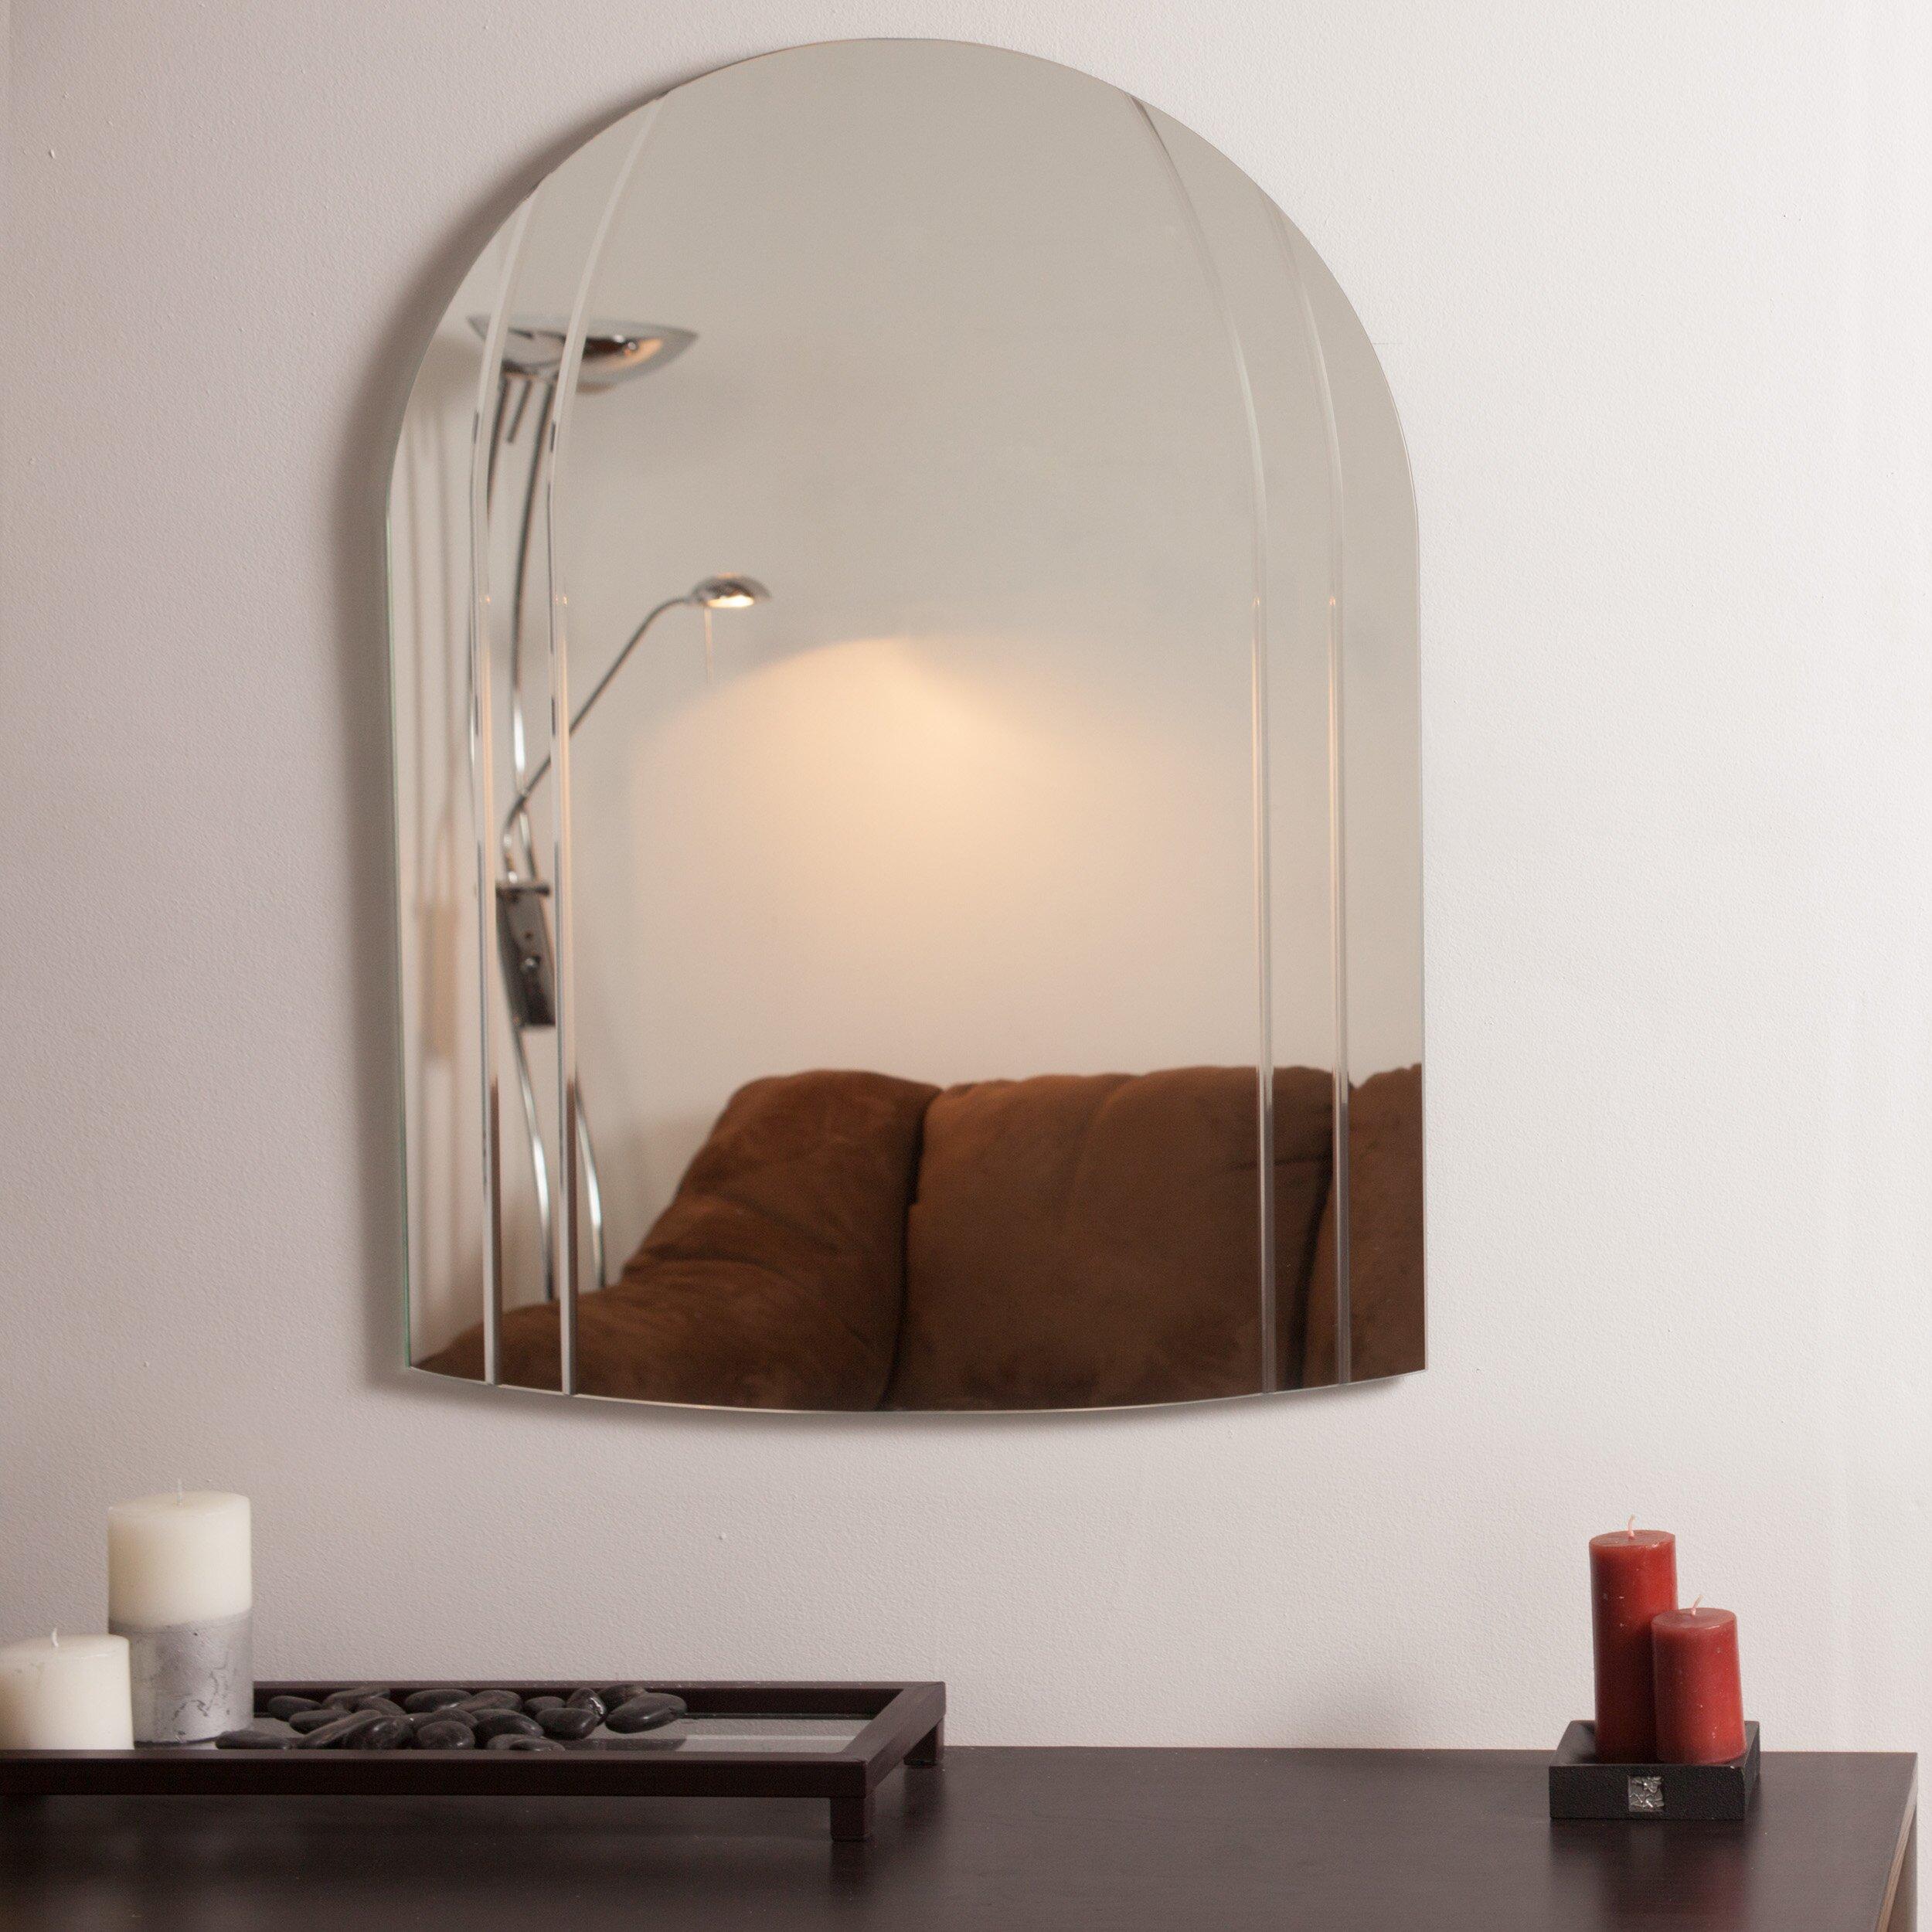 Decor wonderland serina modern wall mirror reviews wayfair for Modern wall mirror